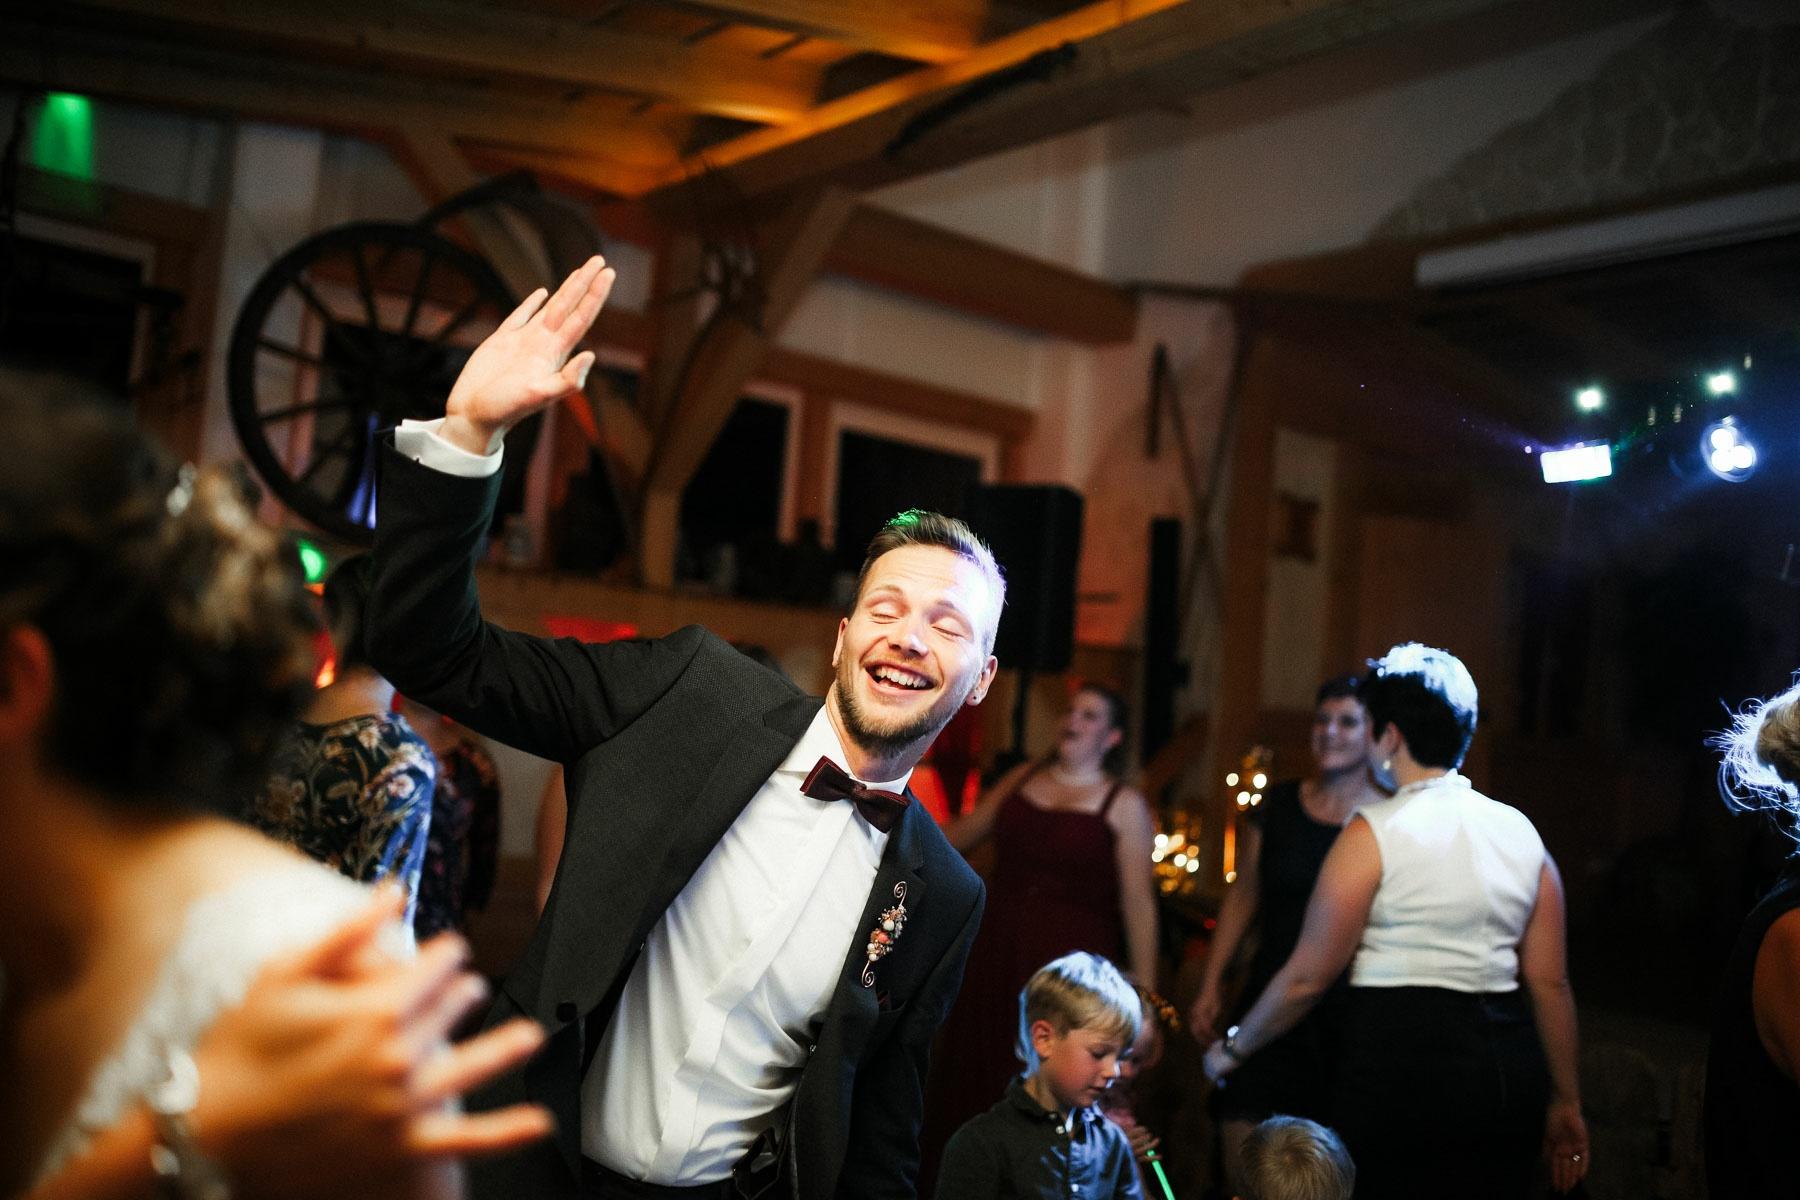 Hochzeitsreportage KirchlicheTrauungKiller BeatriceSven Hochzeitsfotograf authentische Fotos Albstadl MarcusBraun Fotografie www.mb fotografie.de 028 - Beatrice & Sven Hochzeitsreportage in Killer & Schaebischer Albstadl.